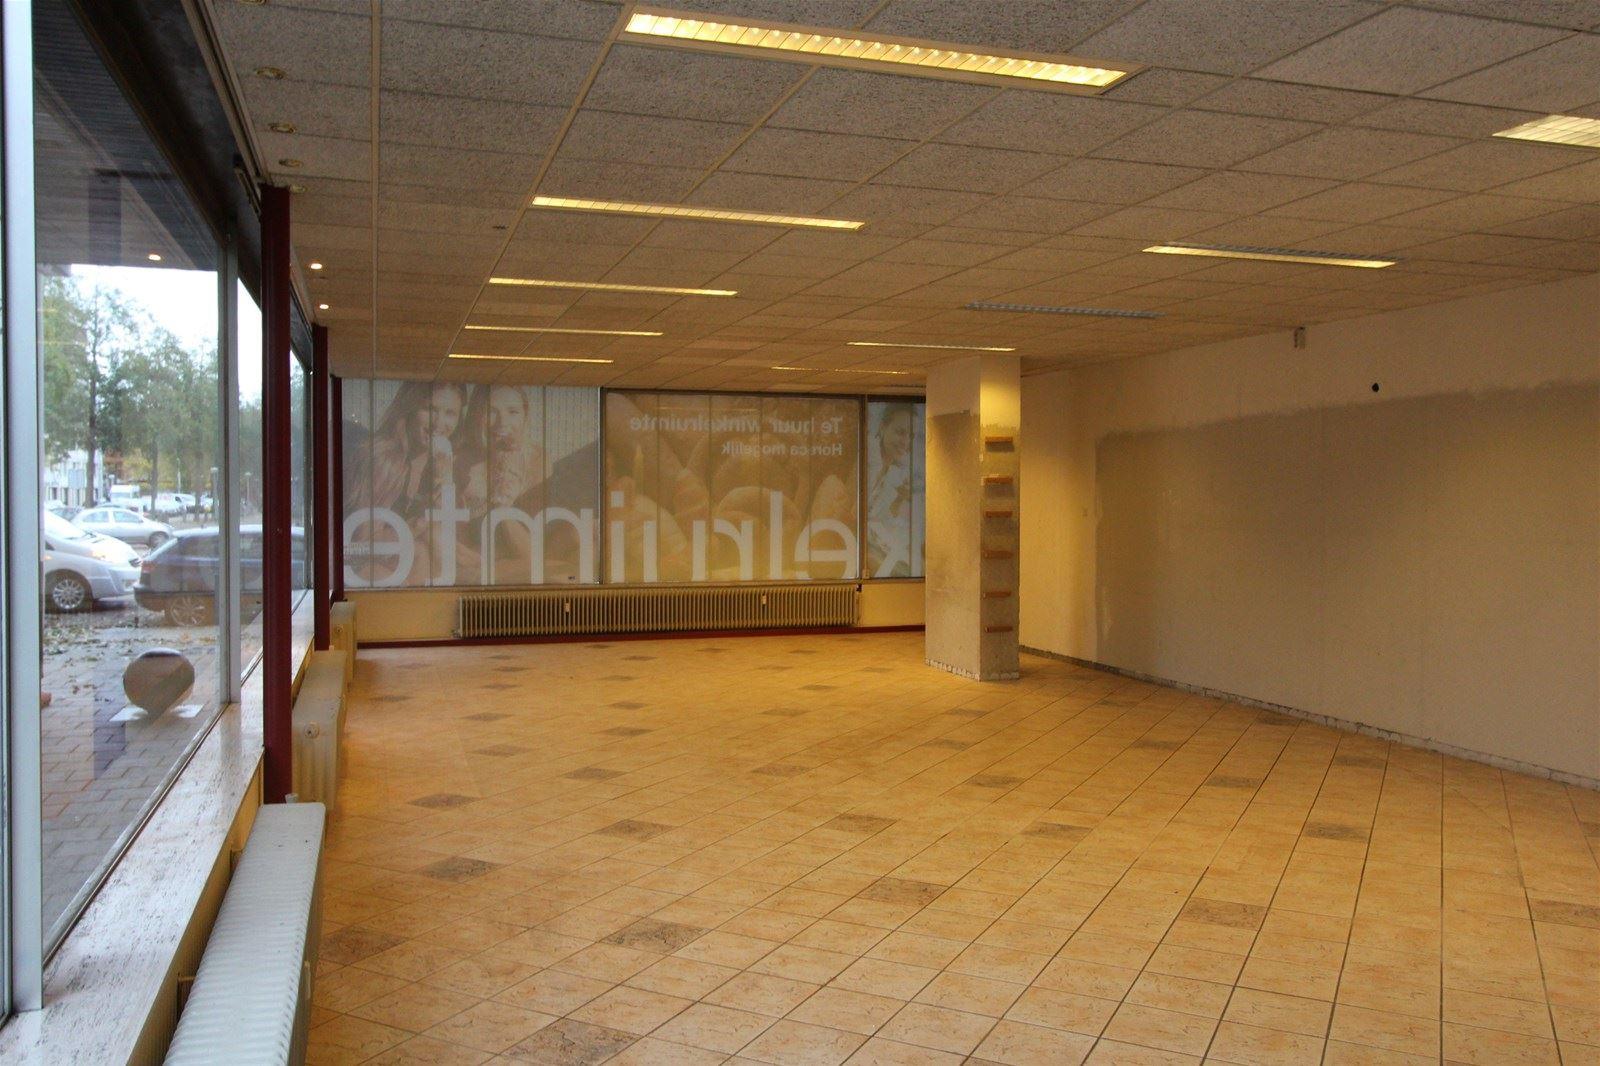 Winkel te huur  Kastelenstraat 105   1082 EB Amsterdam [funda in business]